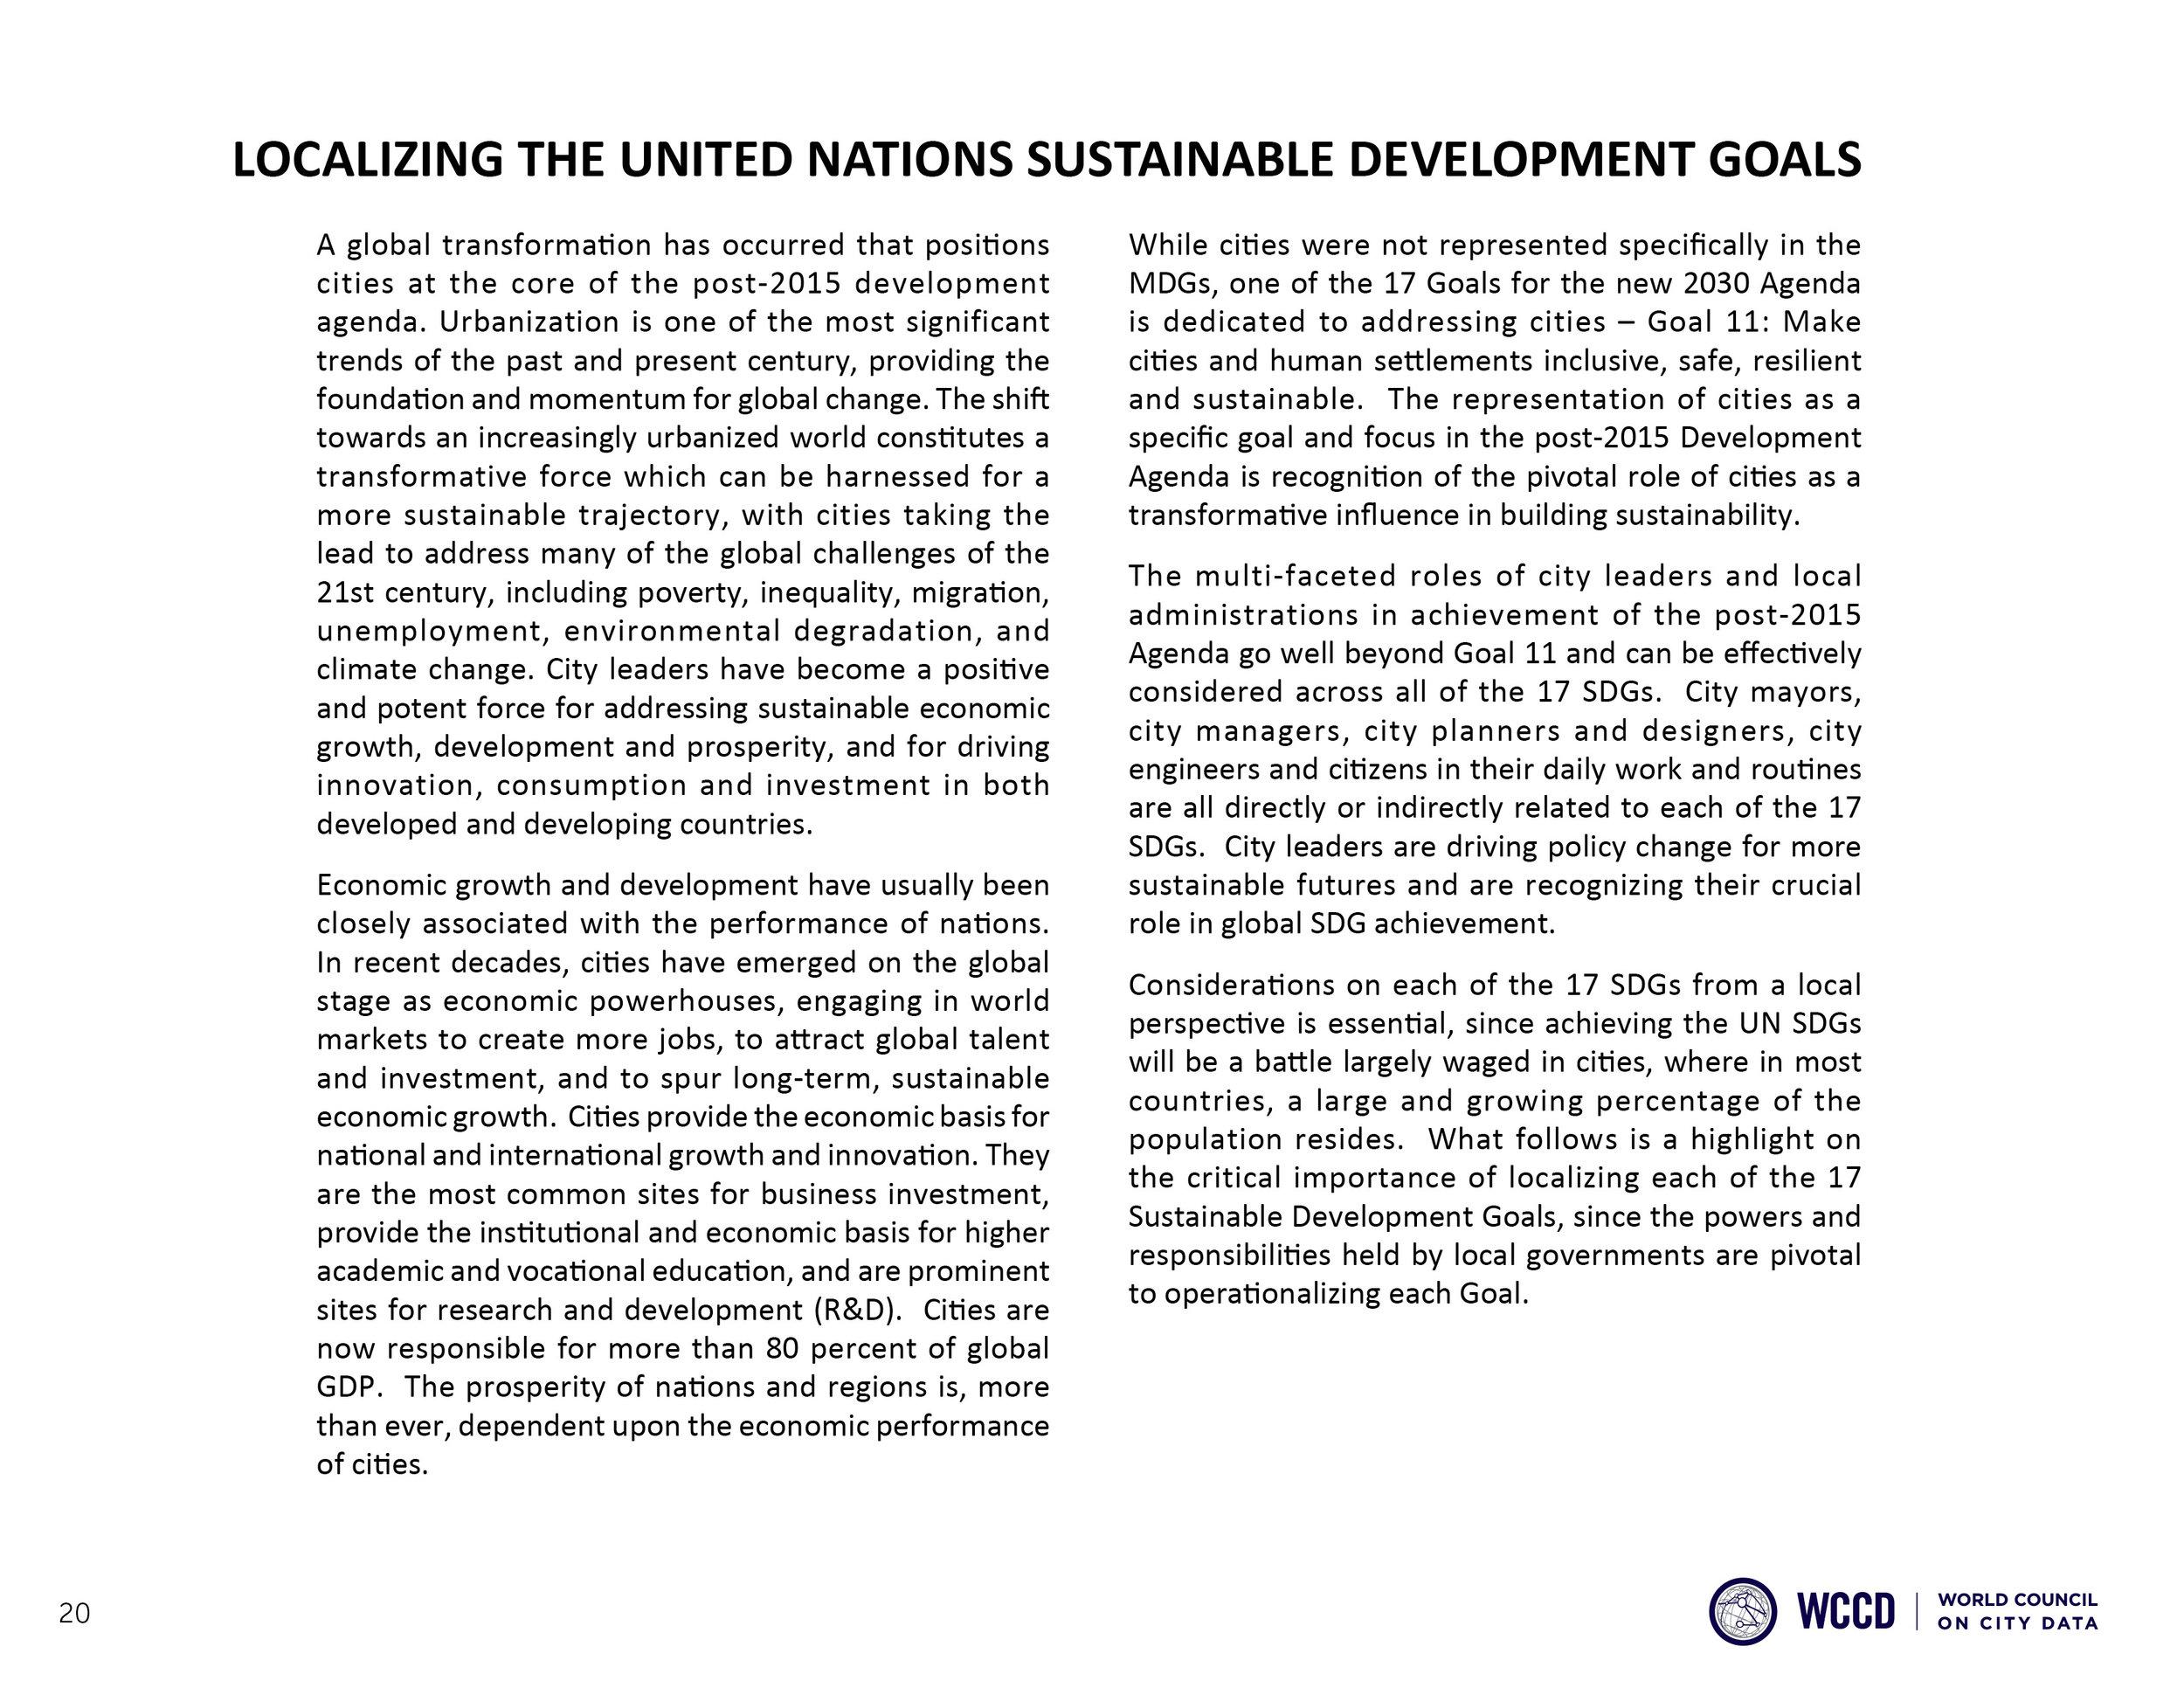 WCCD_SDG 2017 20.jpg